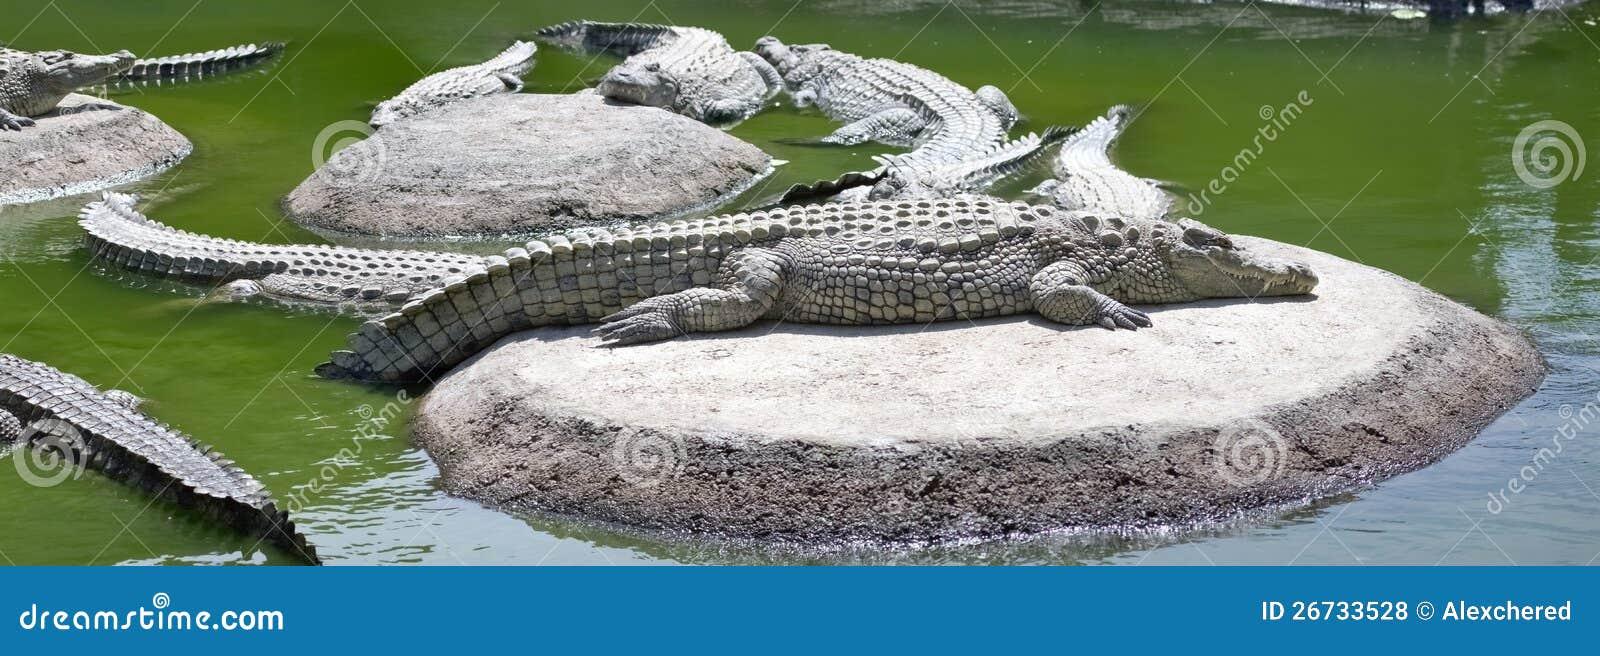 Krokodile Die Auf Sonne Liegen Stockfoto Bild Von Nave Kopf